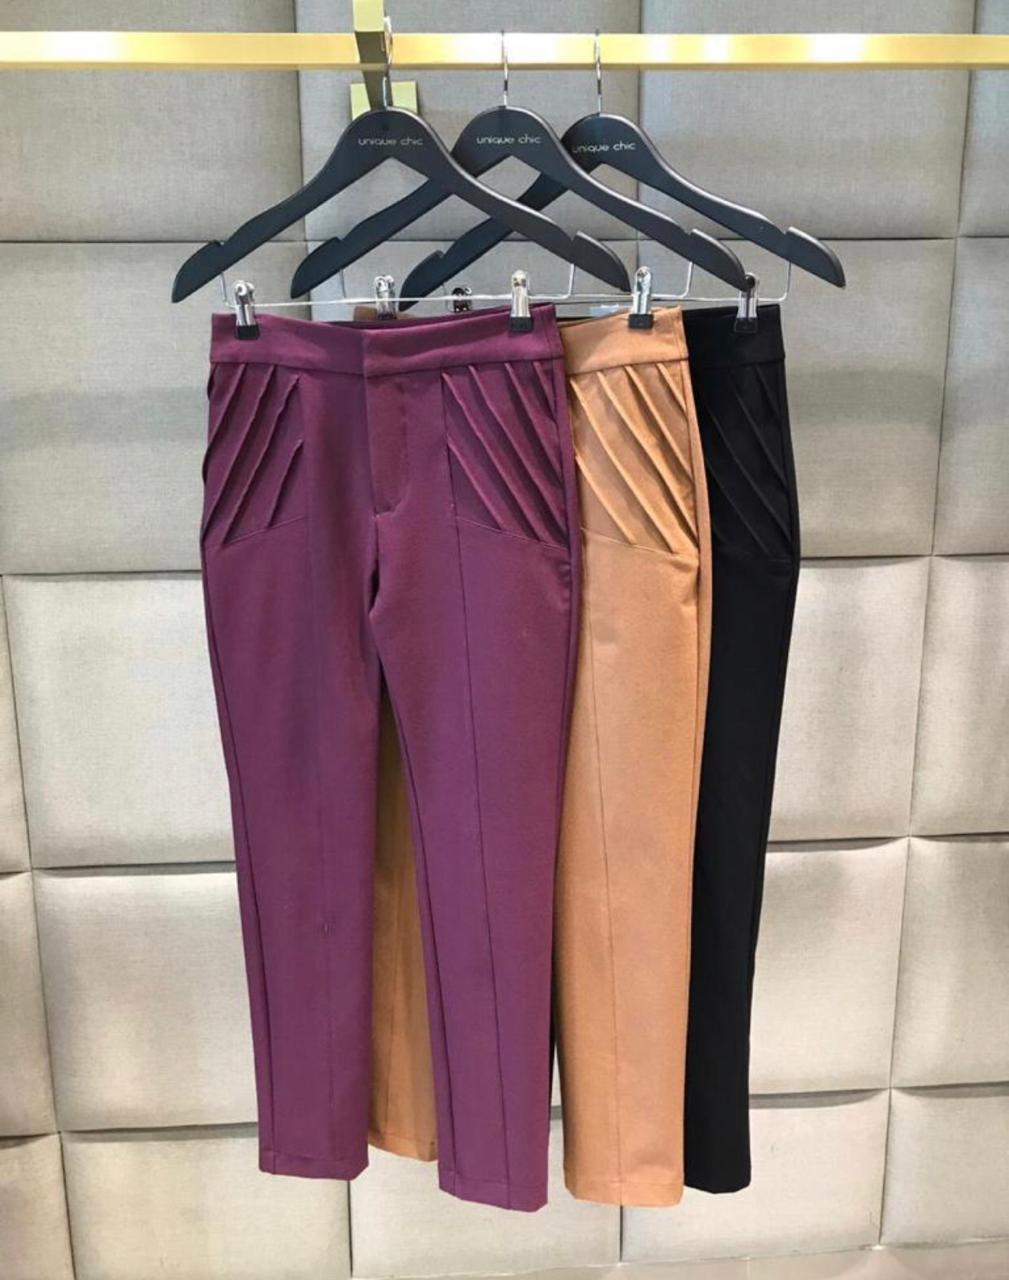 Calça Unique  Poliamida 10% Elastano Cores Purpura e Preto